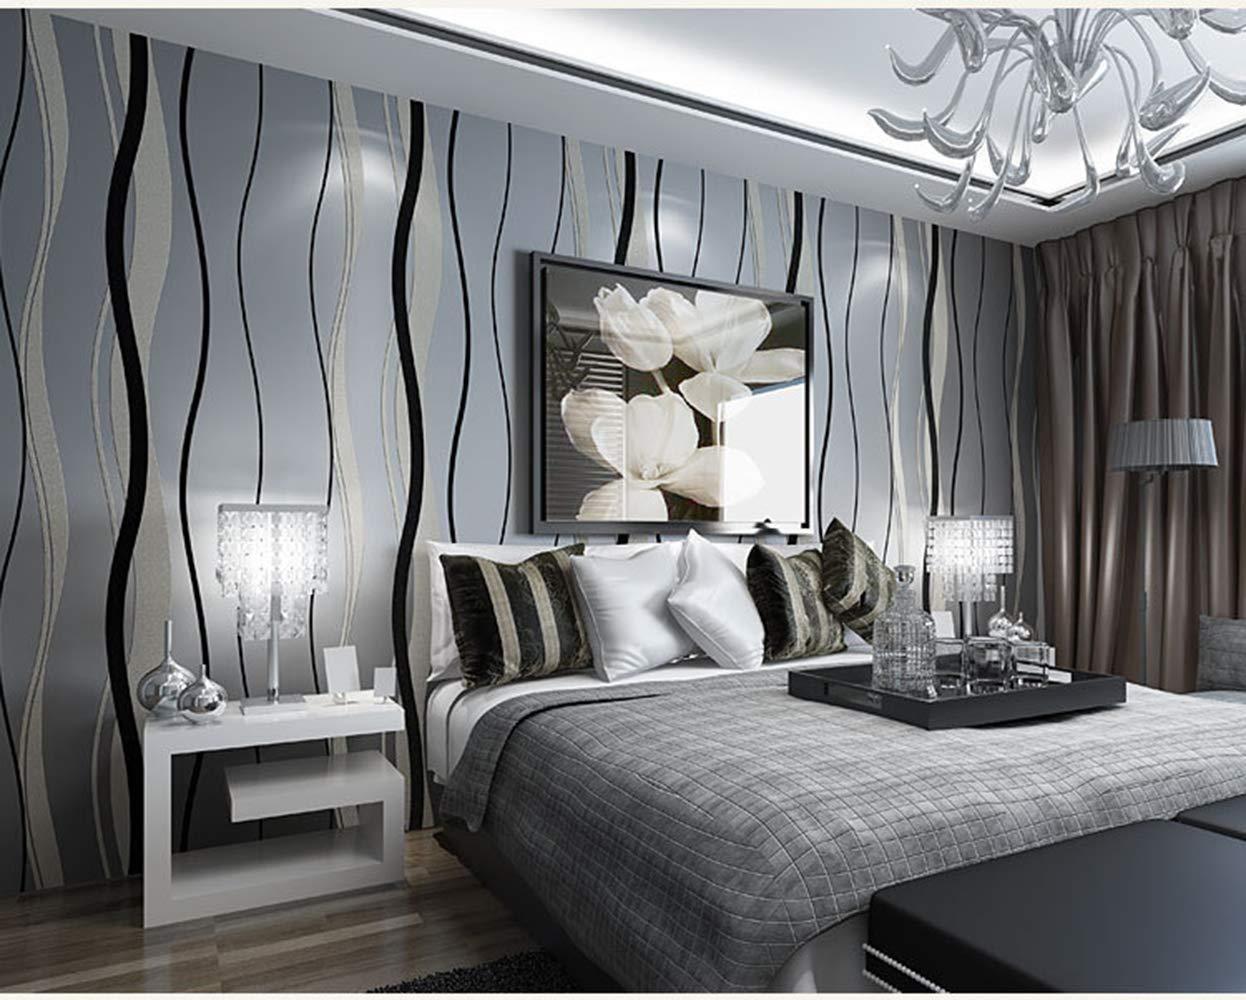 Carta Da Parati A Righe Azzurre : Parete a righe camera da letto cool camera da letto la parete